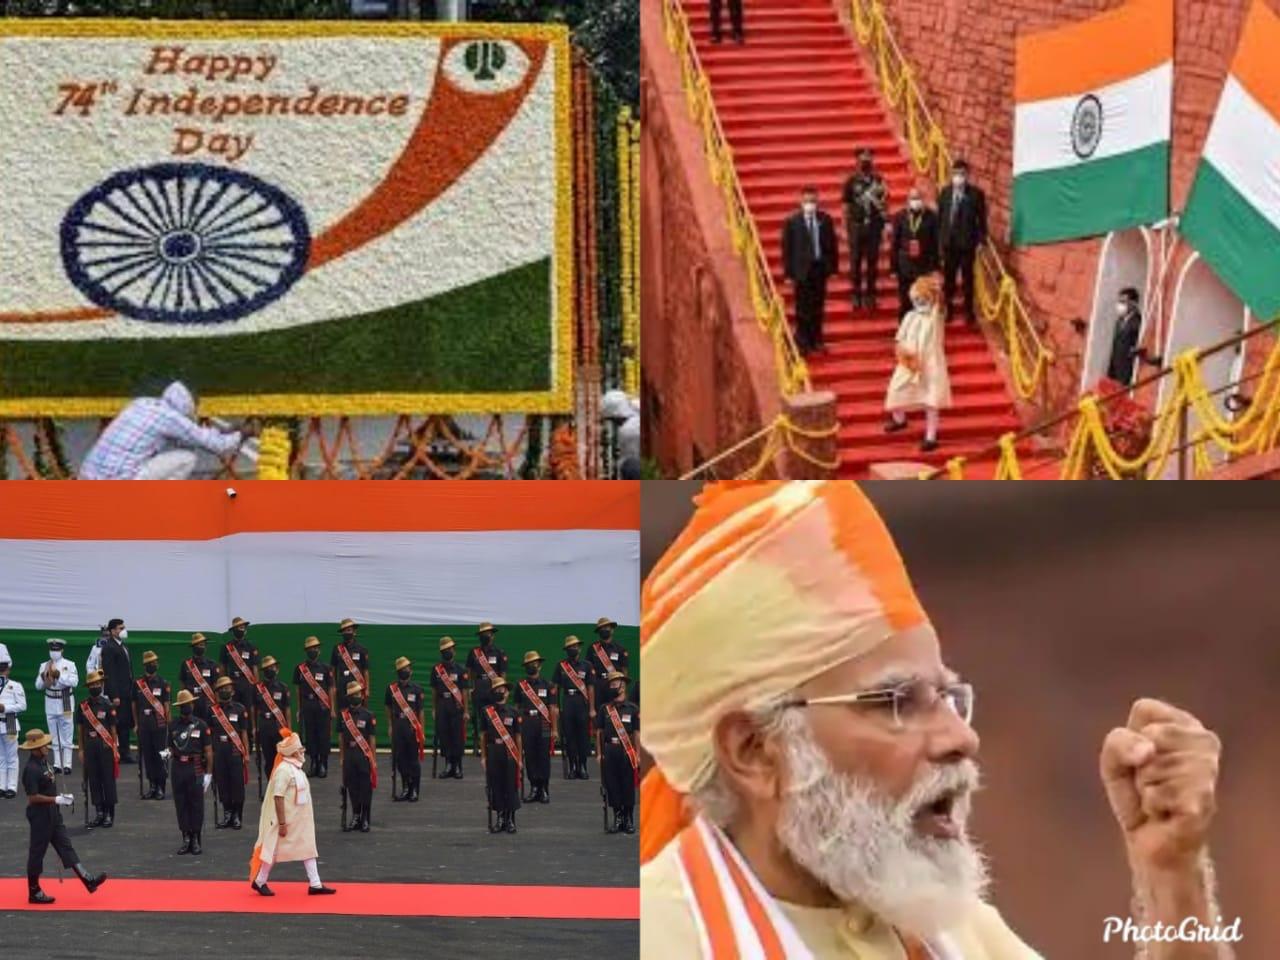 స్వాతంత్ర్య దినోత్సవం సందర్భంగా ప్రధాని మోడీ ఉద్వేగ భరిత ప్రసంగం: Prime Minister Modi's emotional speech on the occasion of Independence Day